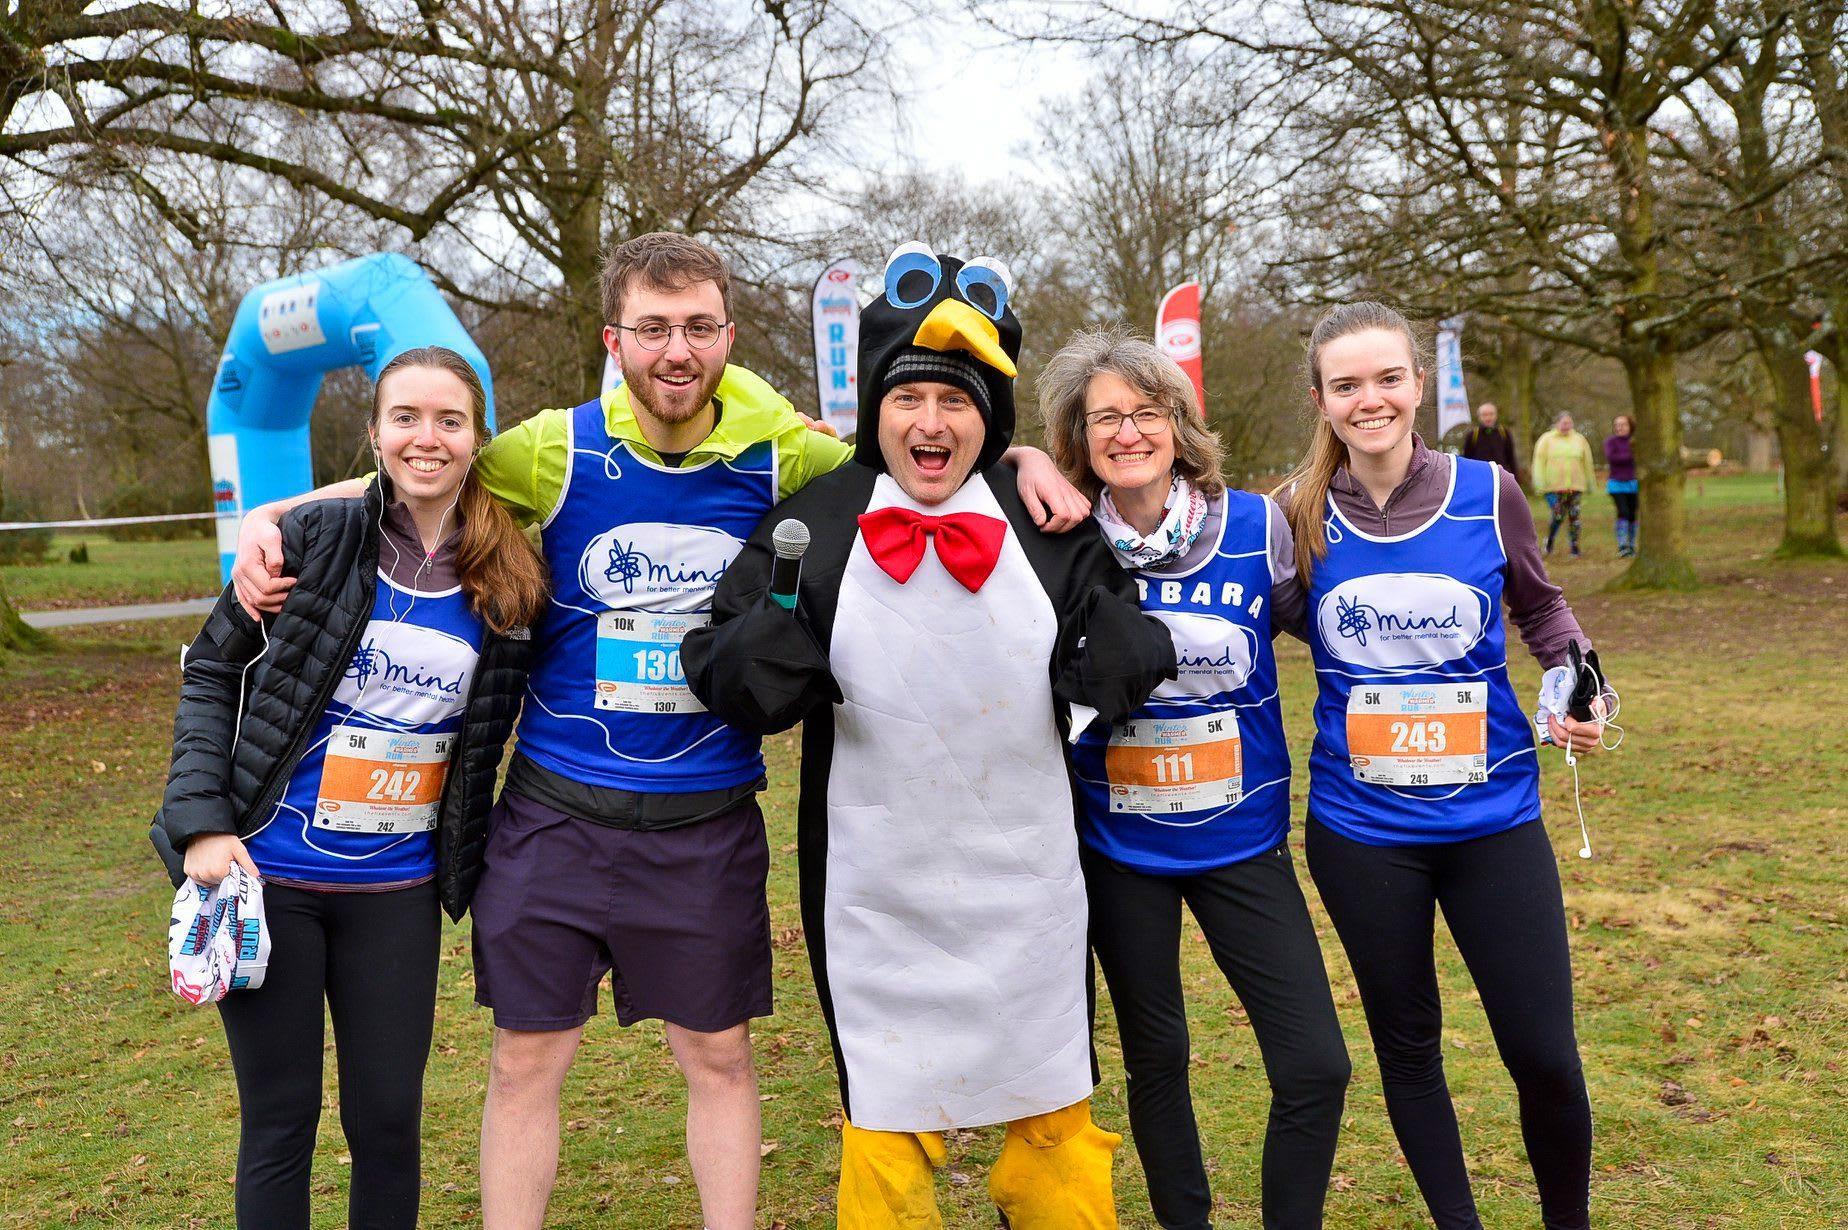 The Cardiff 5k and 10k Winter Warmer Run